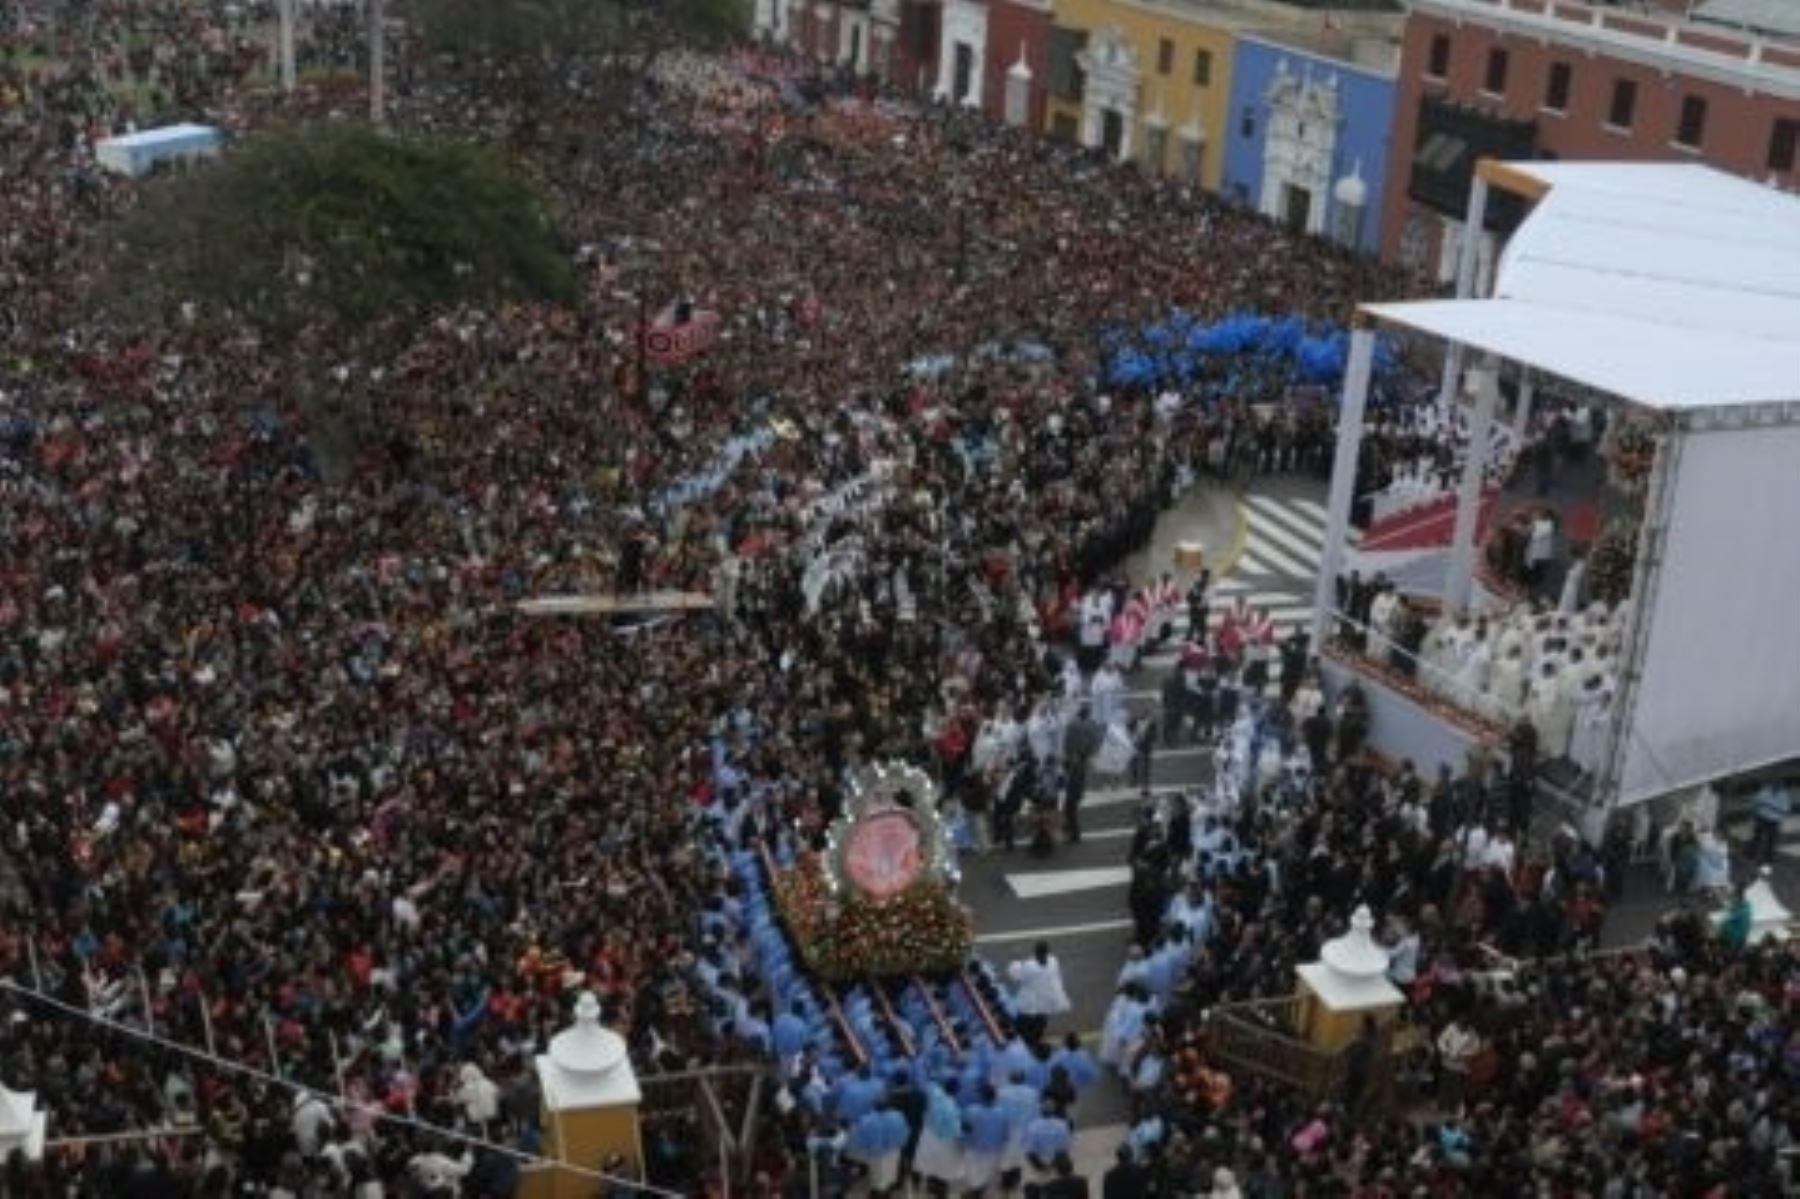 A la fecha suman 34 las imágenes veneradas por la feligresía católica procedentes de Piura, Lambayeque, Cajamarca, Amazonas, y Áncash que estarán presentes en el gran recibimiento que el norte peruano hará al Papa Francisco durante su visita pastoral a Trujillo.